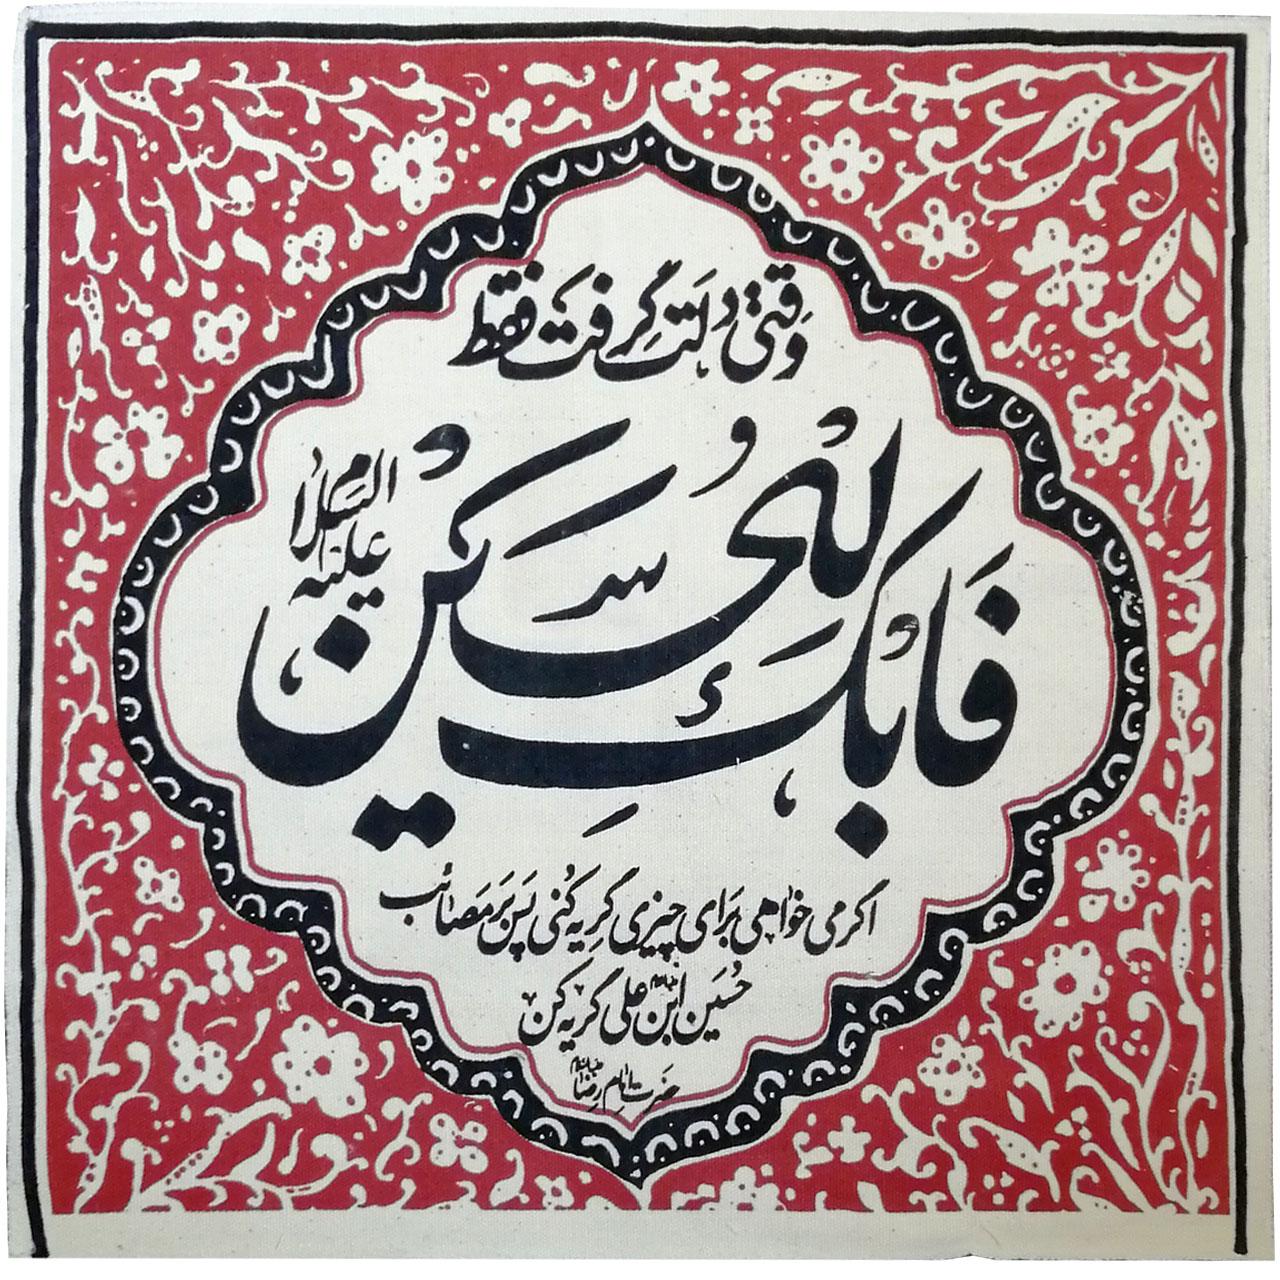 عکس پرچم طرح قلمکار گریه بر حسین کد Q01